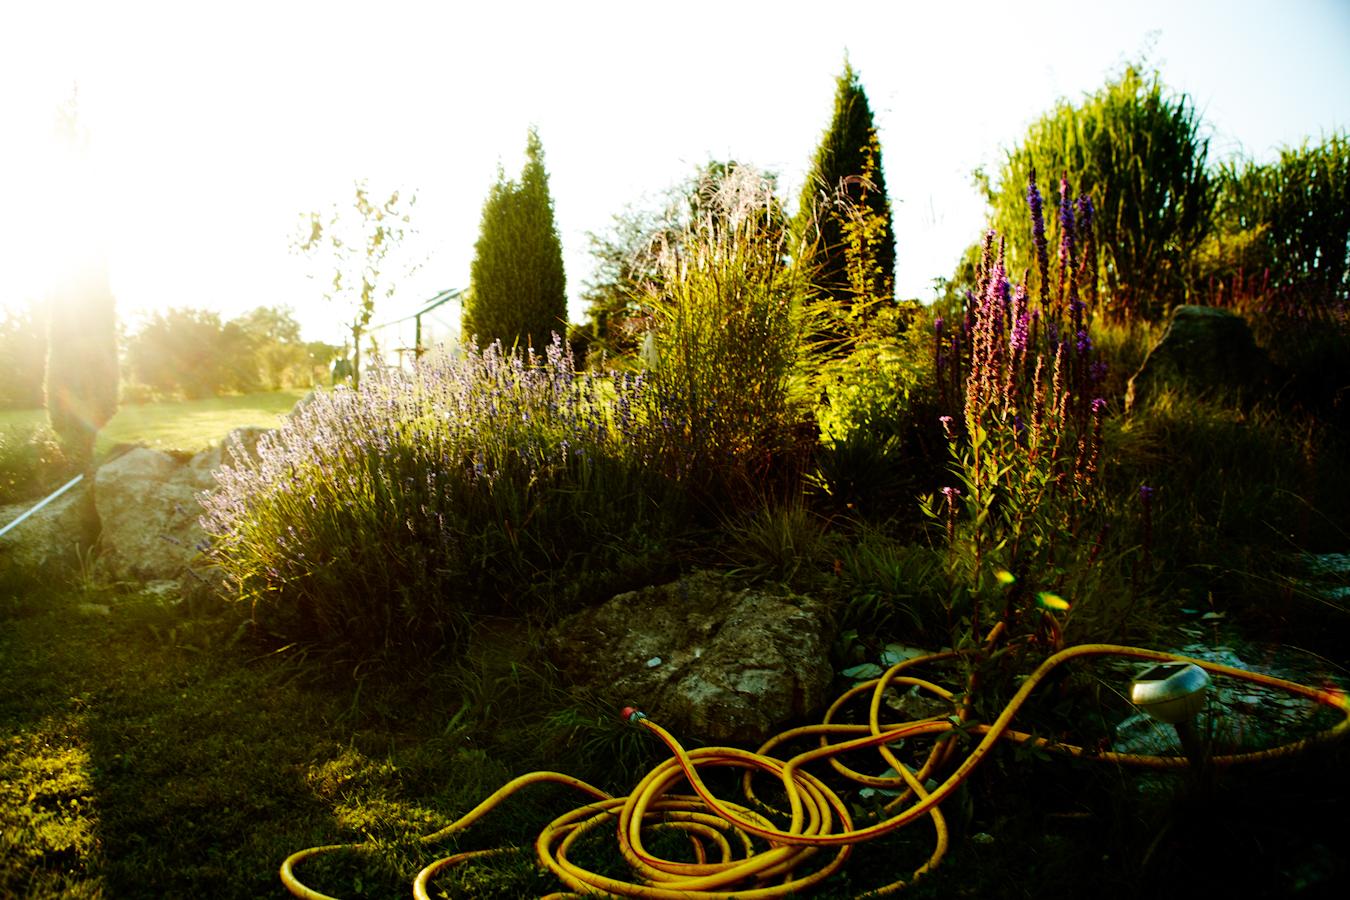 petersgarten_ben_hupfer-014.jpg